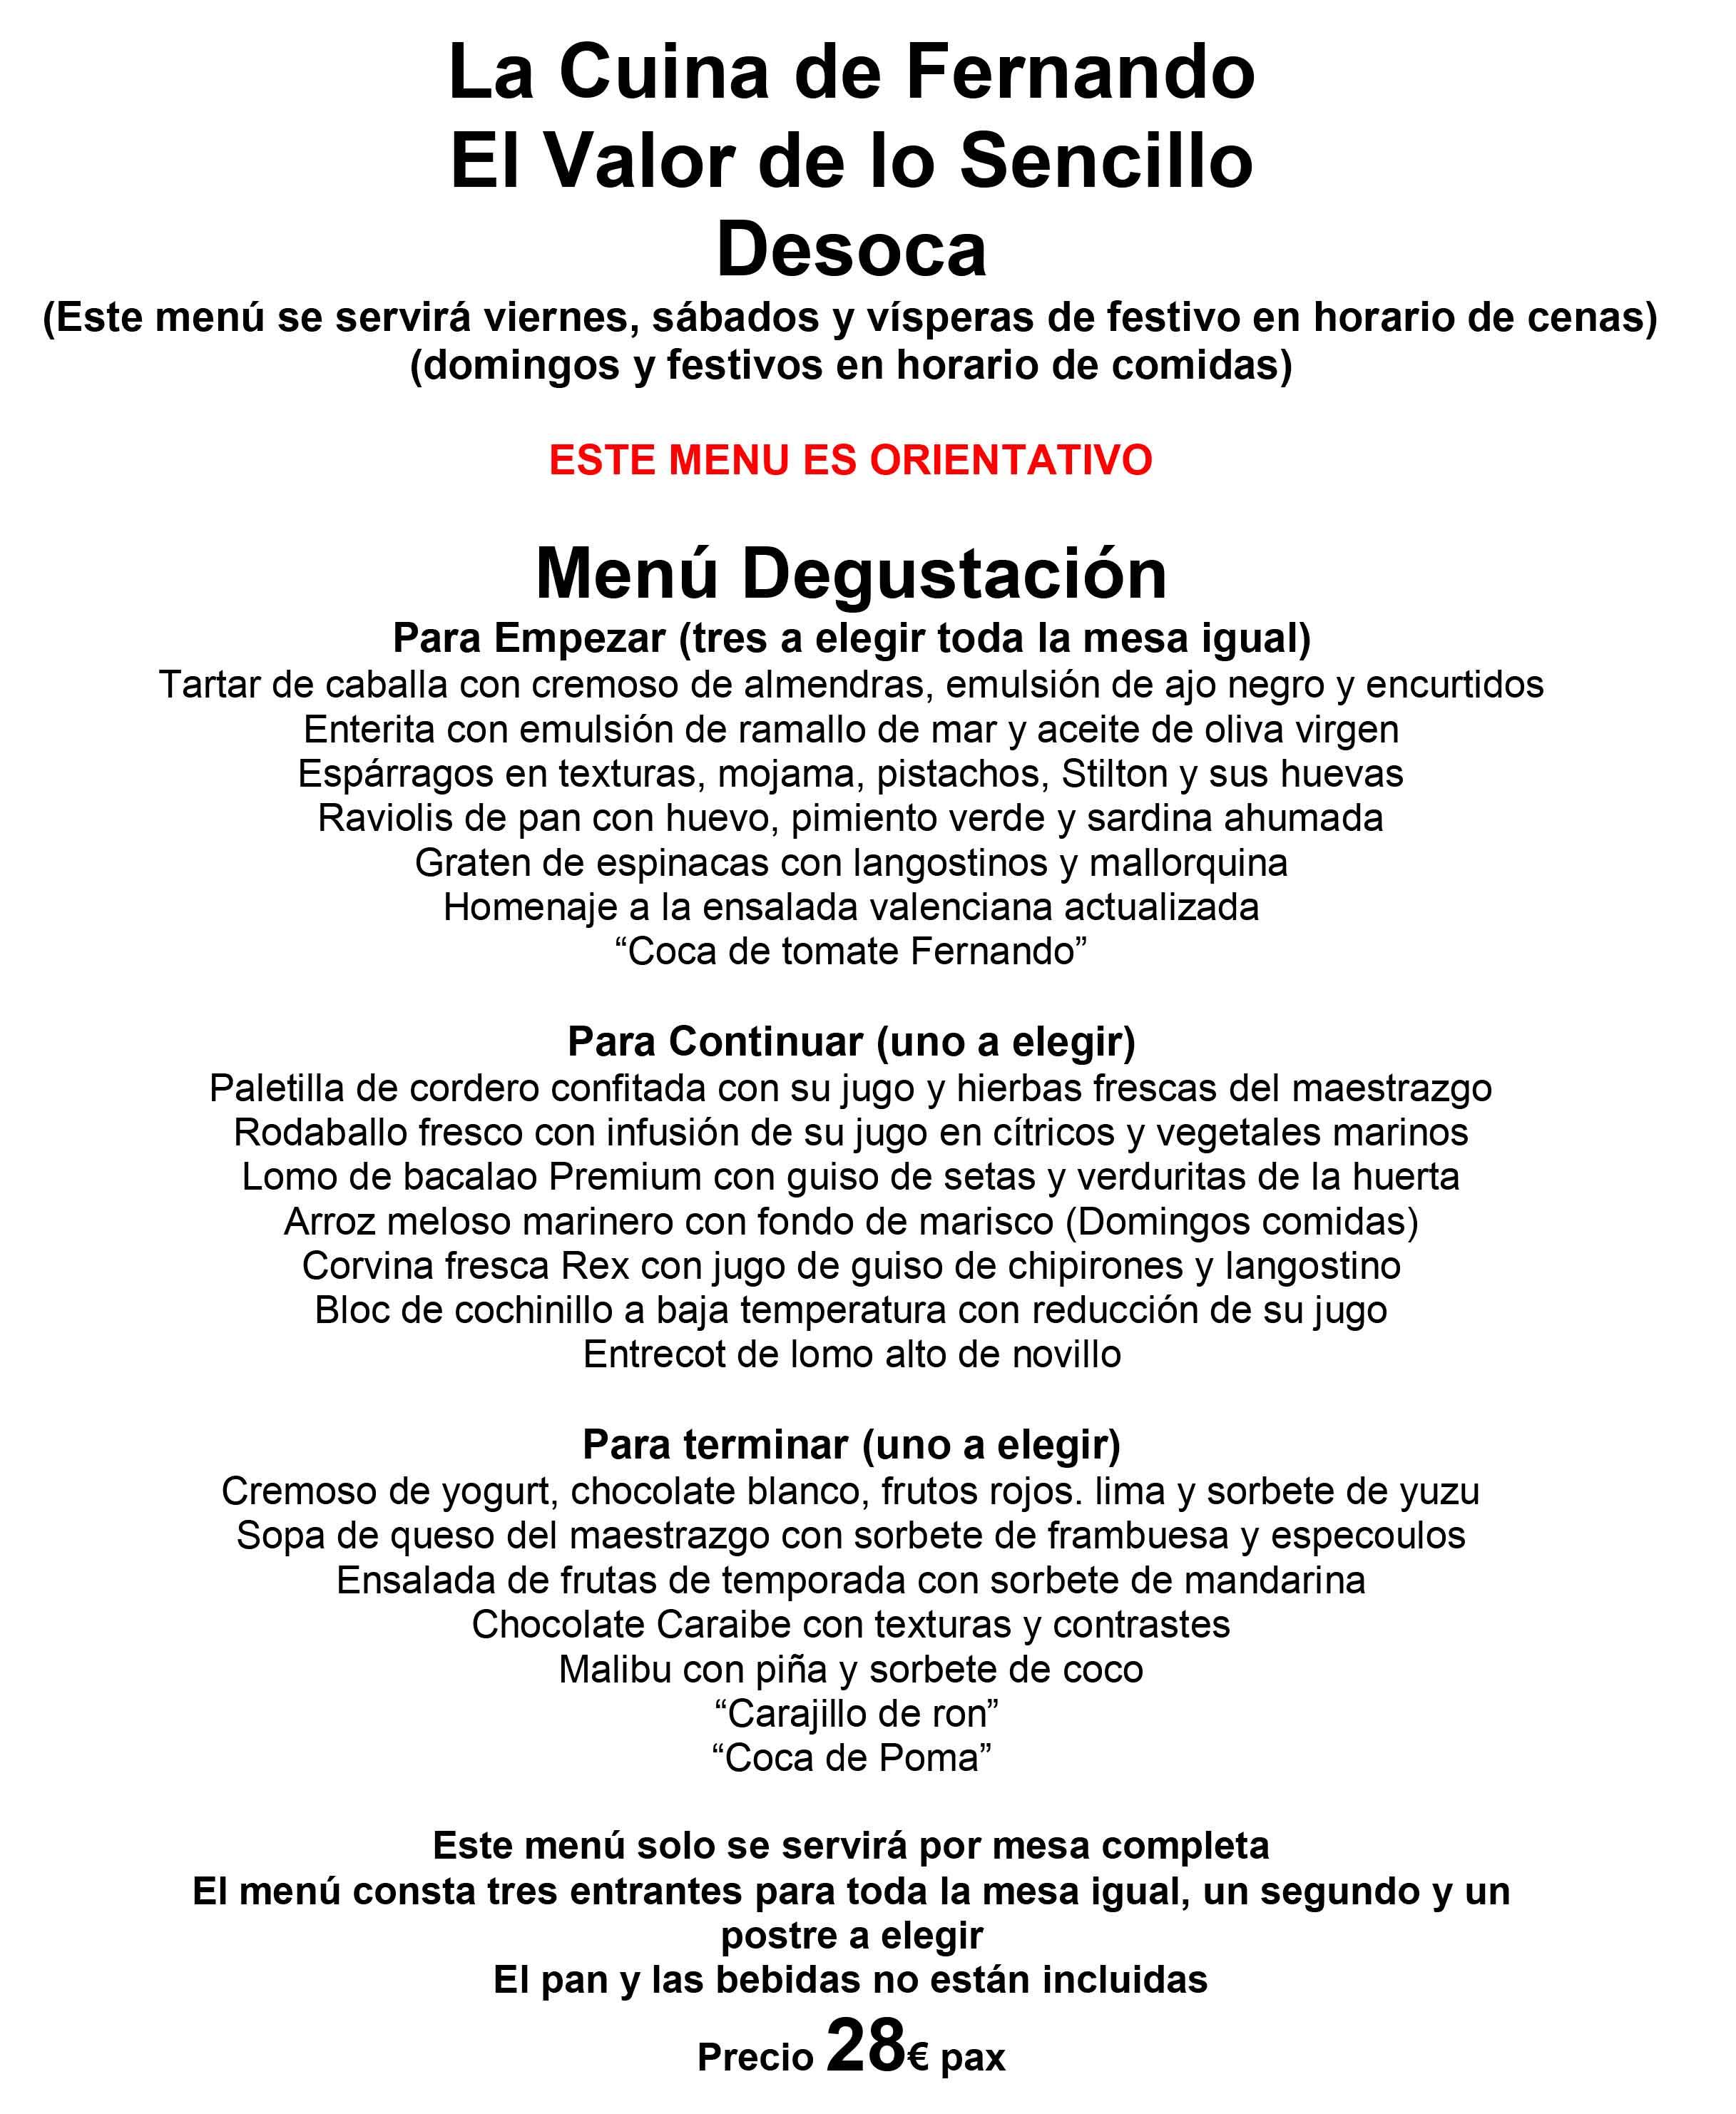 Menú Degustación - La Cuina de Fernando el valor de lo sencillo